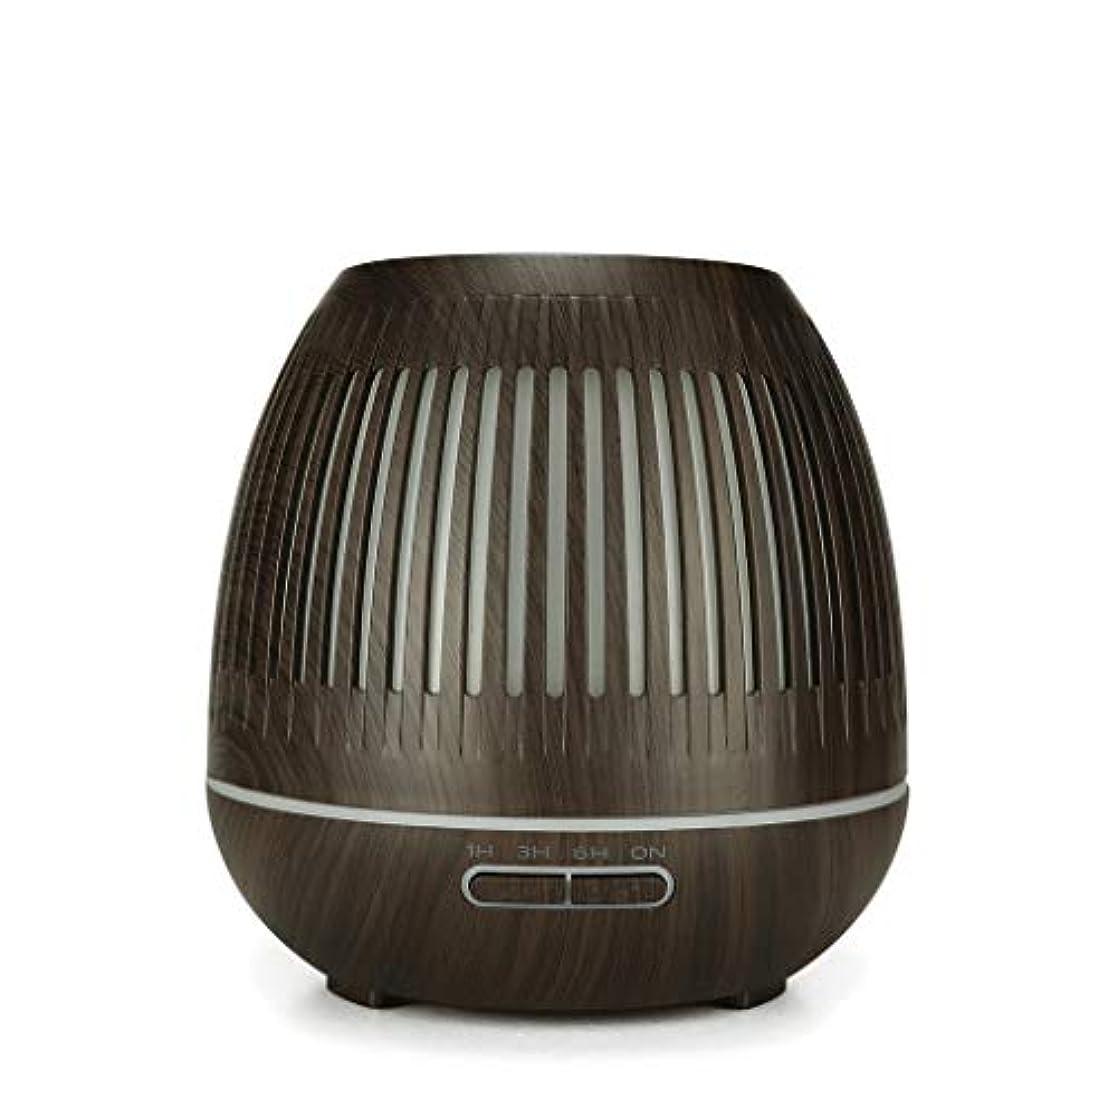 懺悔たとえベッツィトロットウッド400ミリリットル超音波クールミスト加湿器付きカラーledライト用ホームヨガオフィススパ寝室ベビールーム - ウッドグレインディフューザー (Color : Dark wood grain)